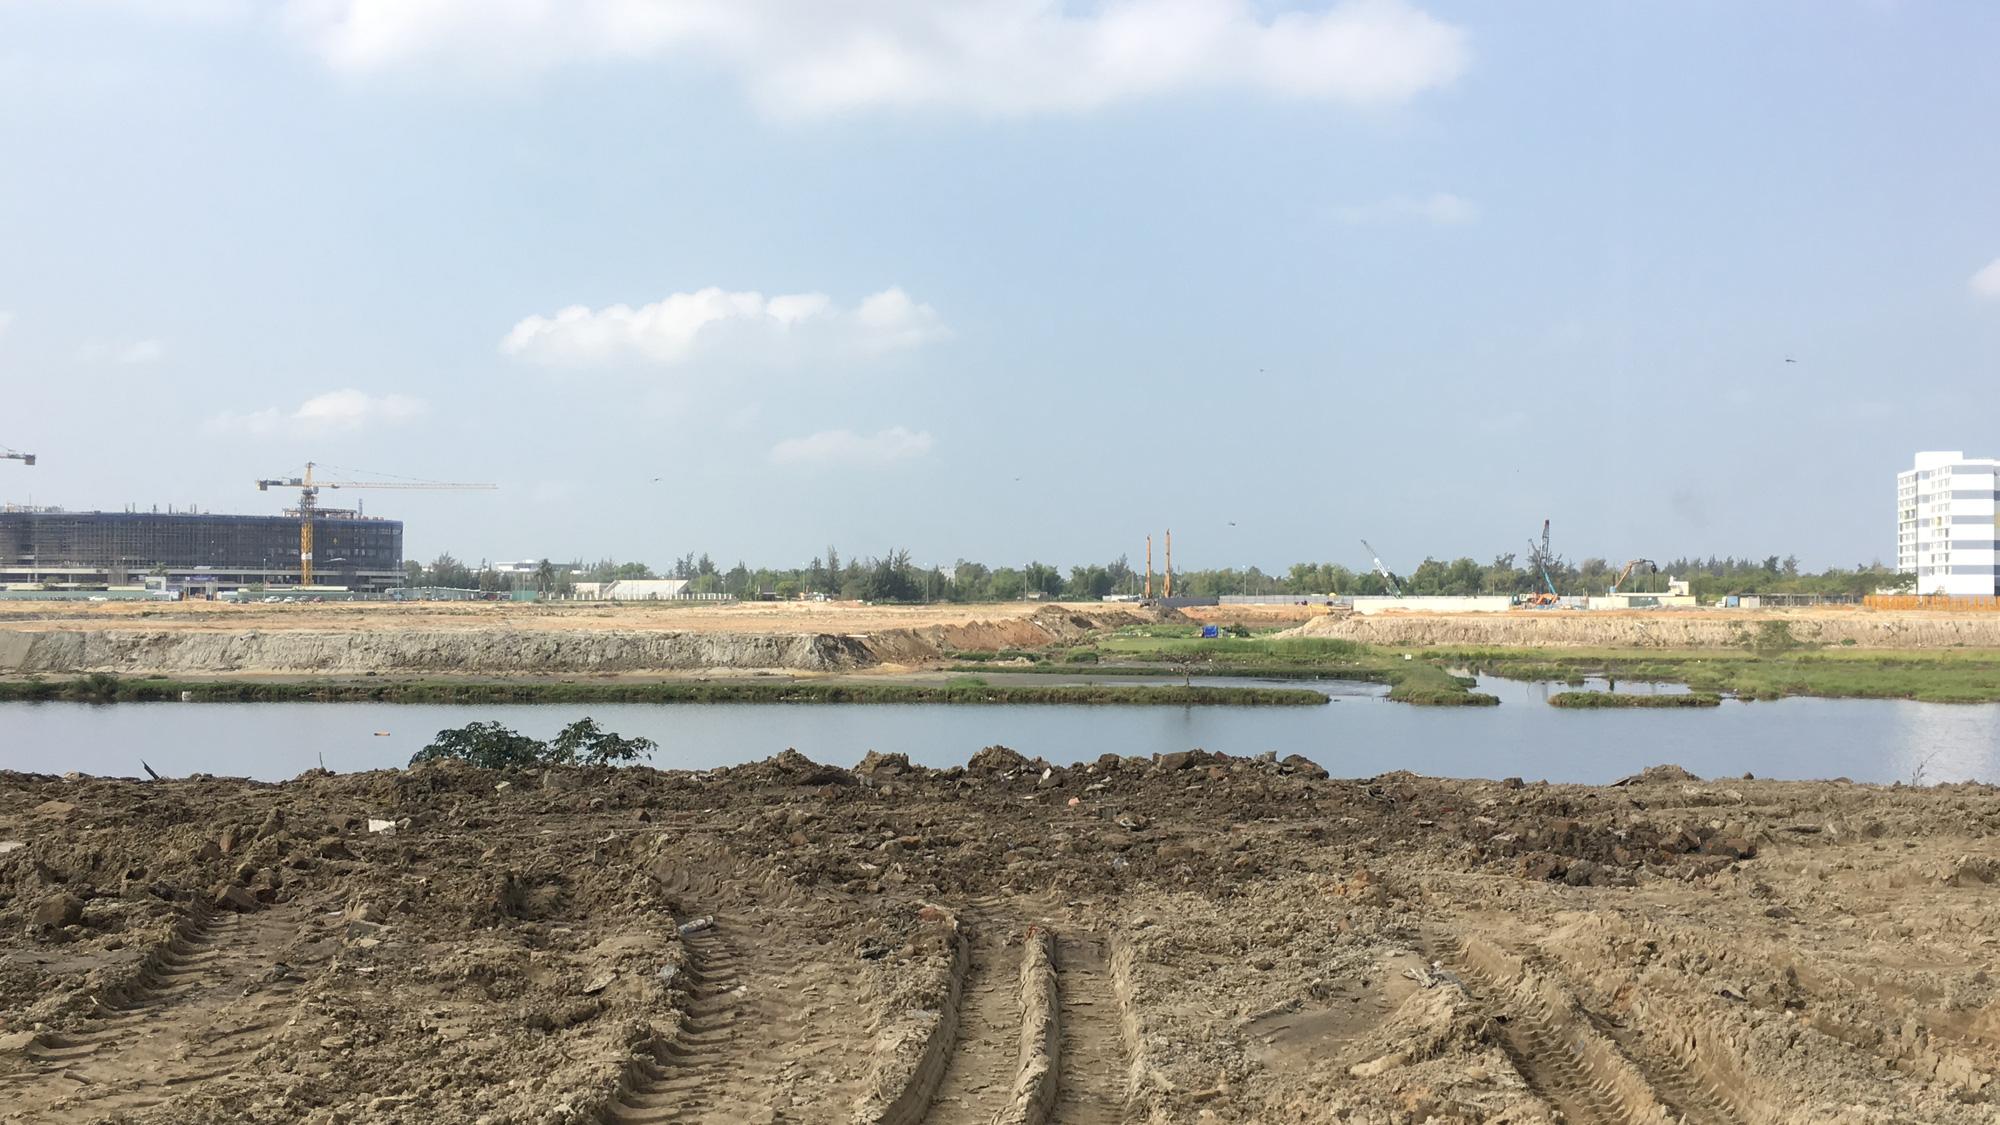 Cận cảnh nơi Đà Nẵng làm cầu, đường qua sông Cổ Cò, đường vành hơn 1.400 tỉ đồng - Ảnh 8.